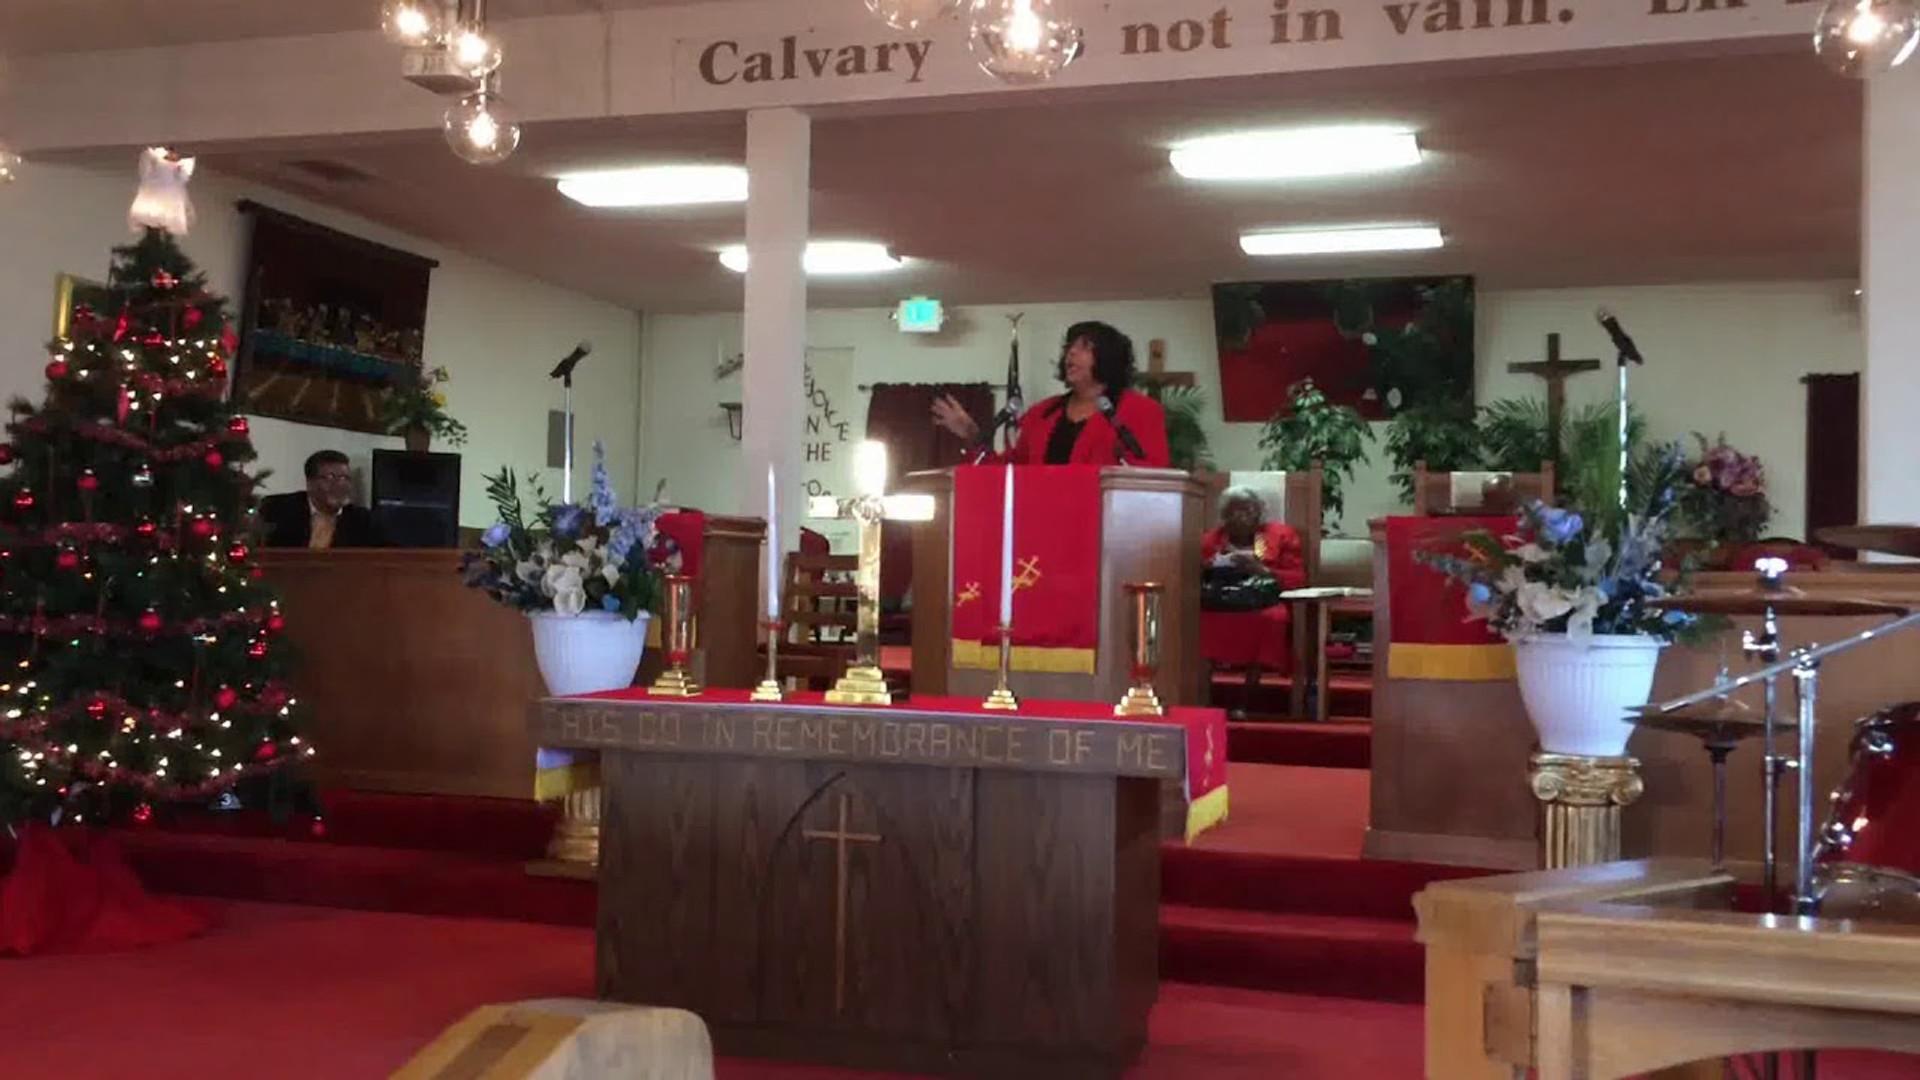 Pastor Lisa Macklin